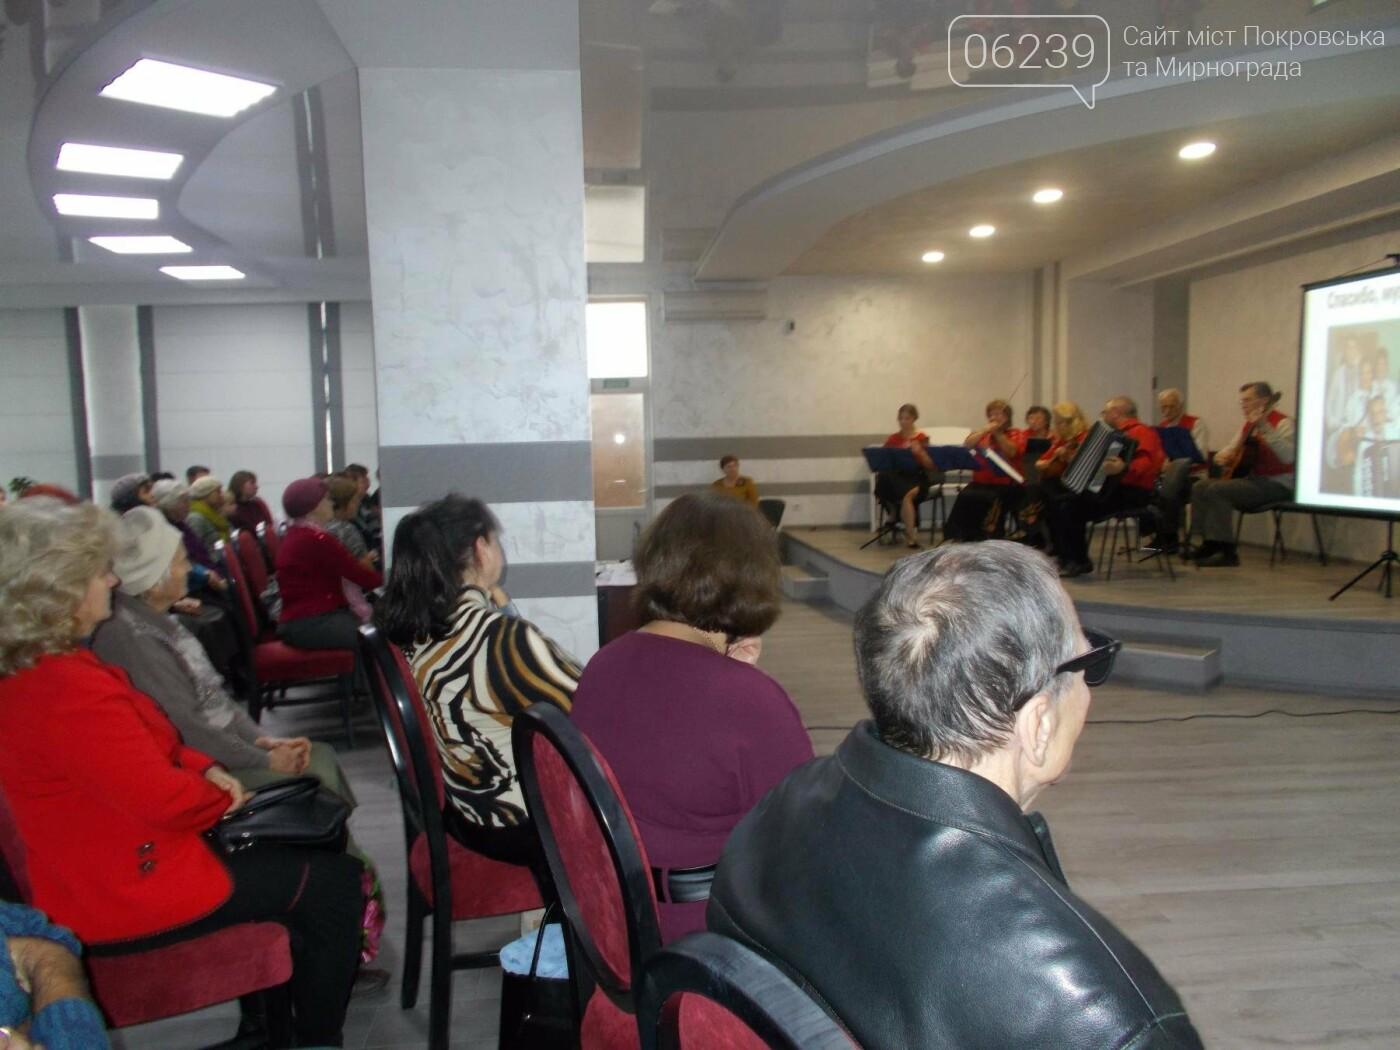 У Покровську в Центральній міській бібліотеці пройшов чудовий захід із циклу лекцій-концертів, фото-4